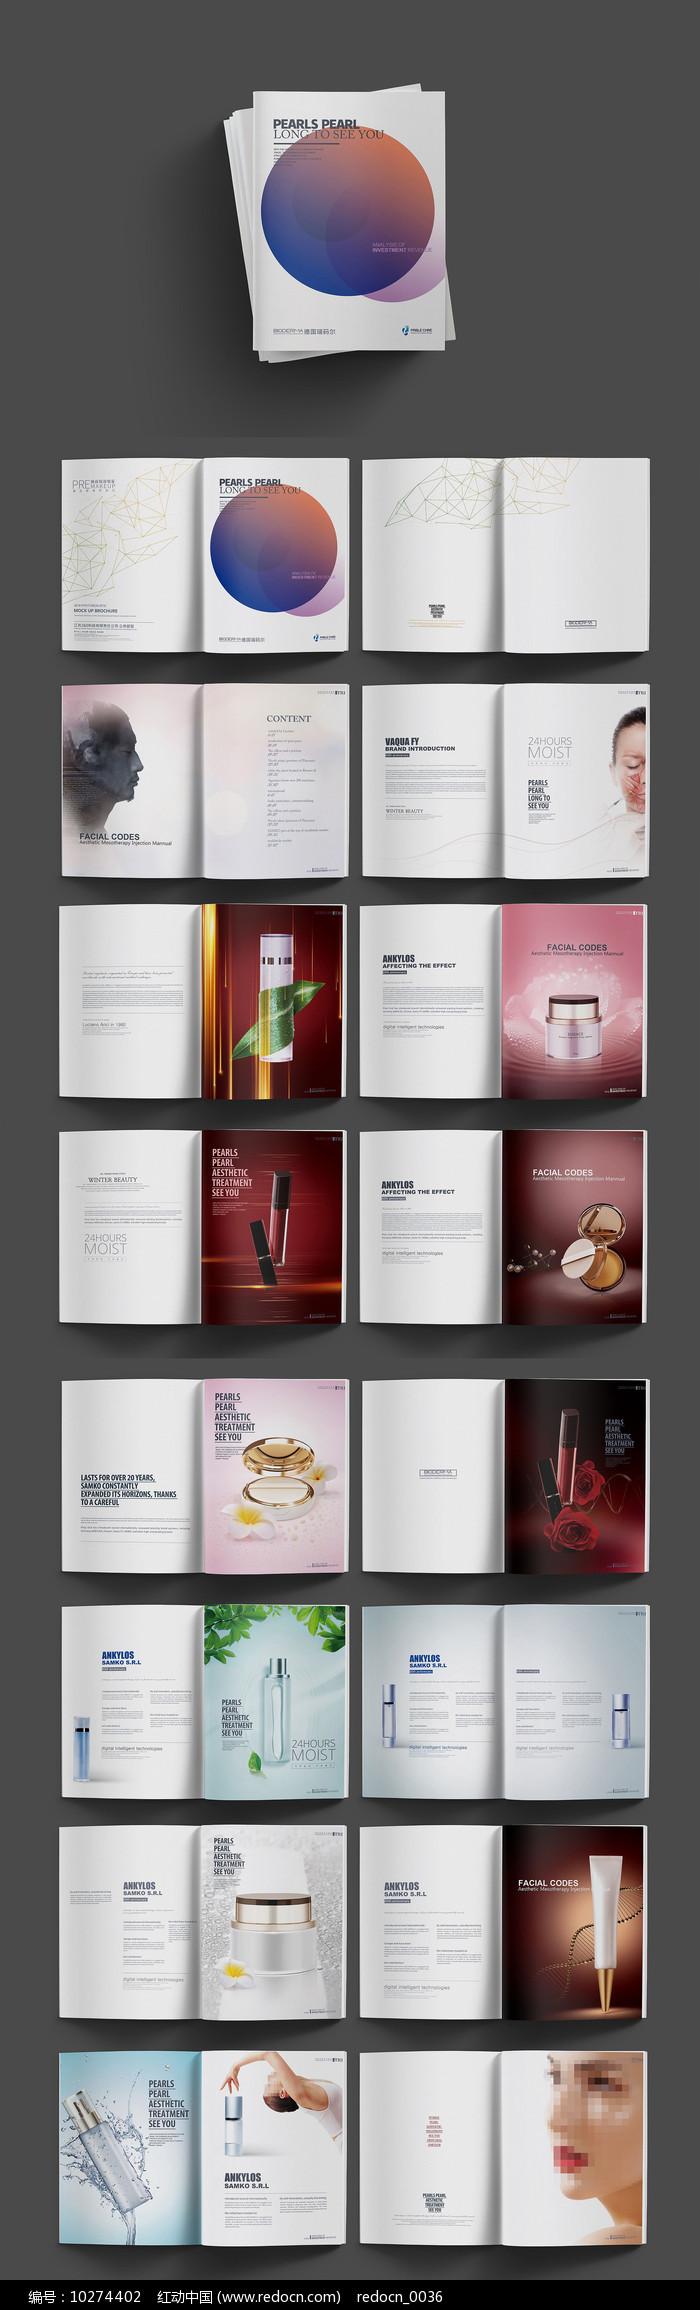 高端大气化妆品产品画册图片